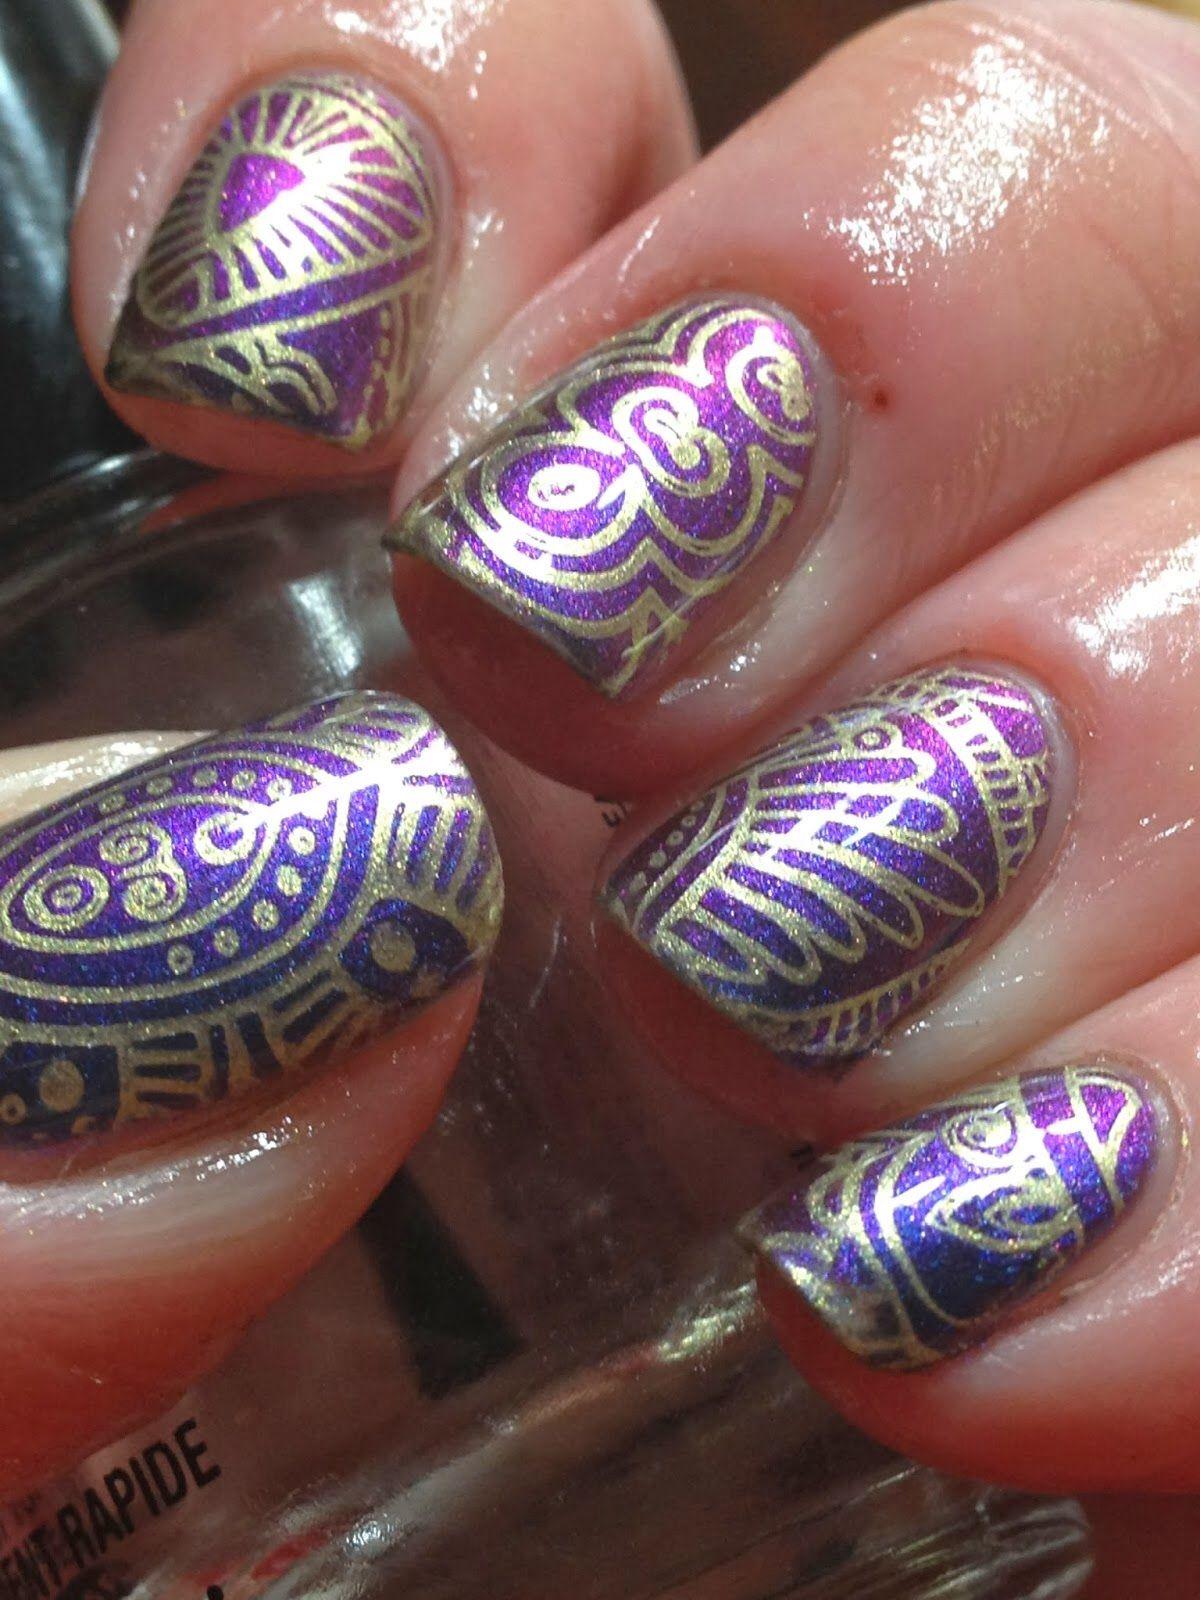 Infinity Nails. | Nail Art | Pinterest | Infinity nails, Nail ...